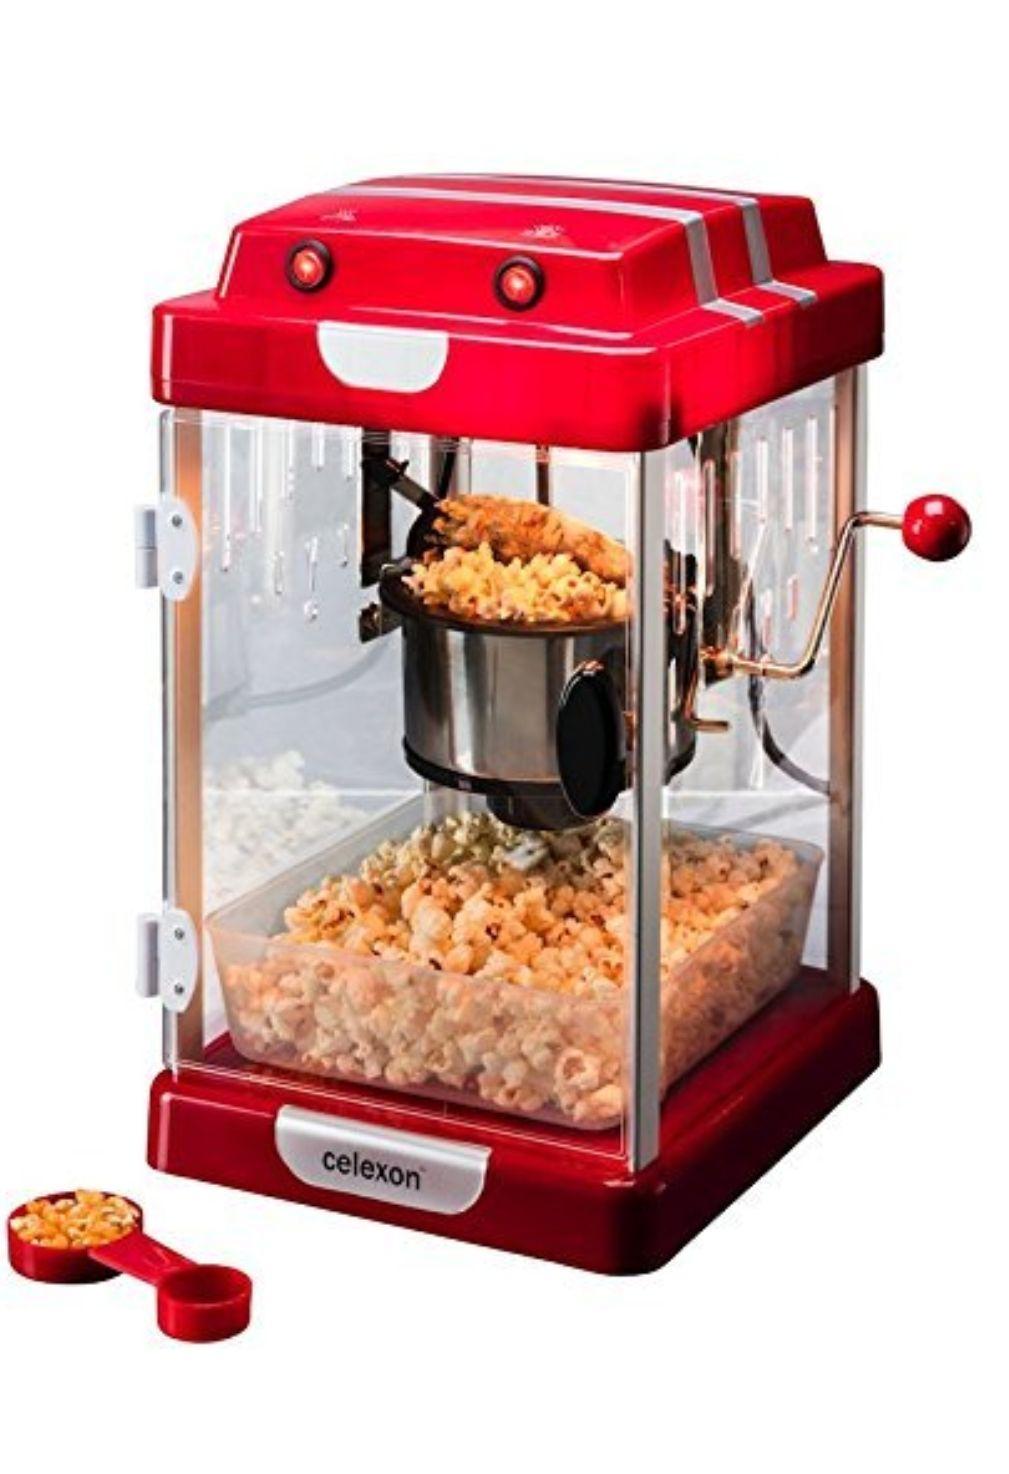 BLITZANGEBOT: celexon CinePop CP1000 Popcornmaschine mit Edelstahltopf und Innenbeleuchtung